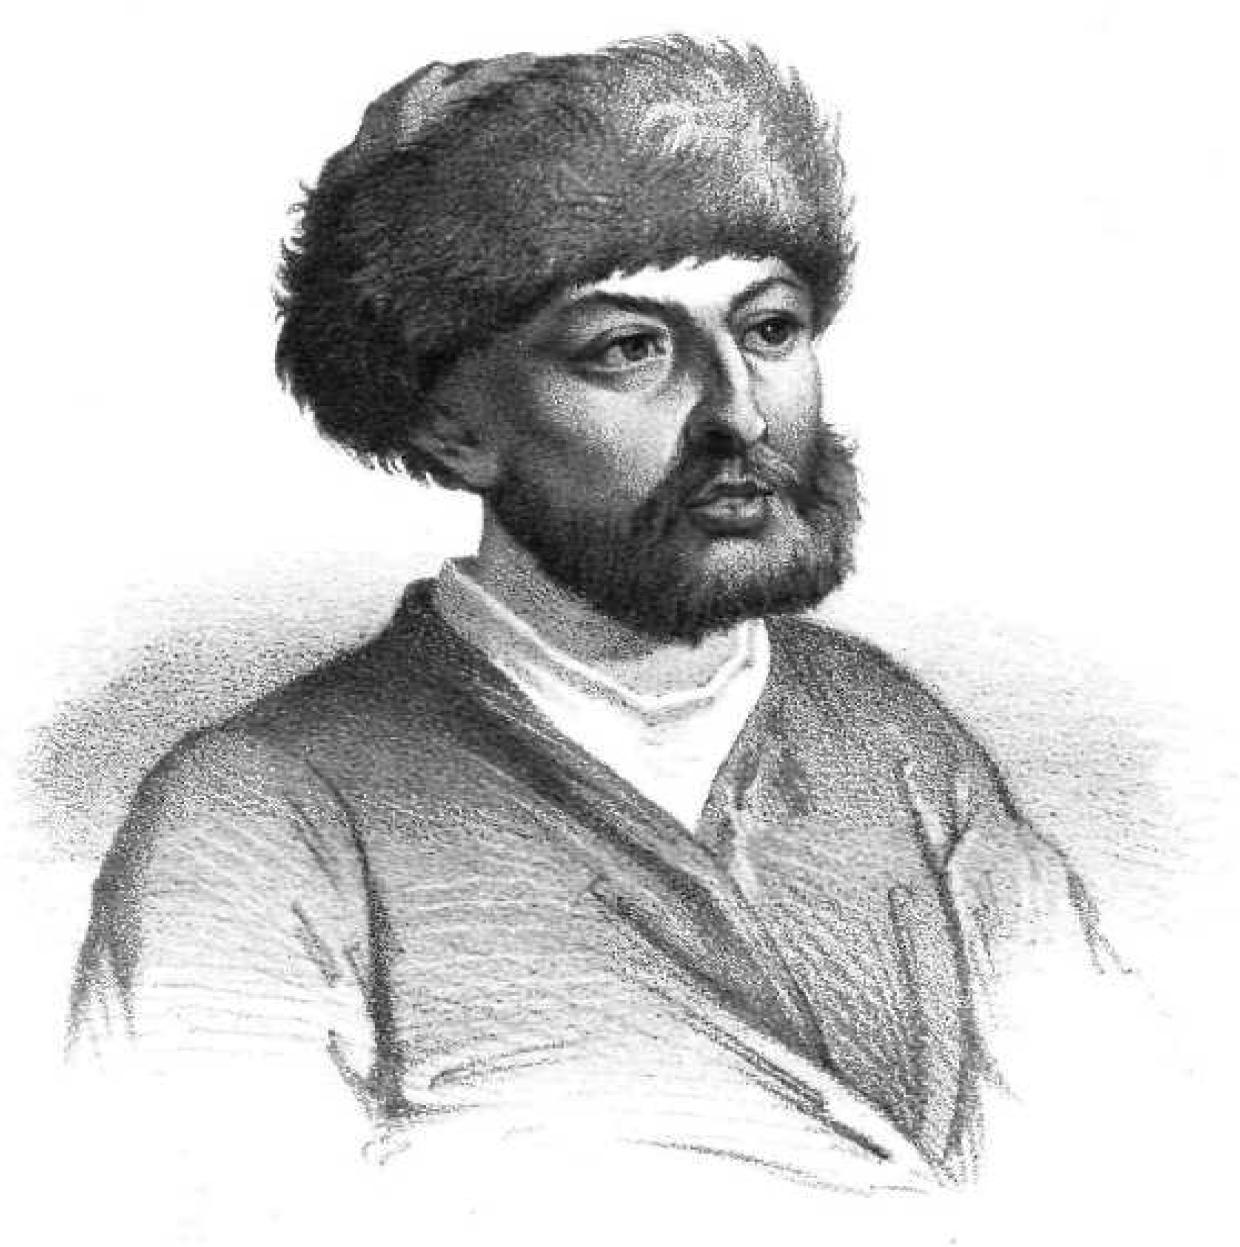 Ο Αλέξανδρος Ν. Μαυροκορδατος, «ο εξ απορρήτων»